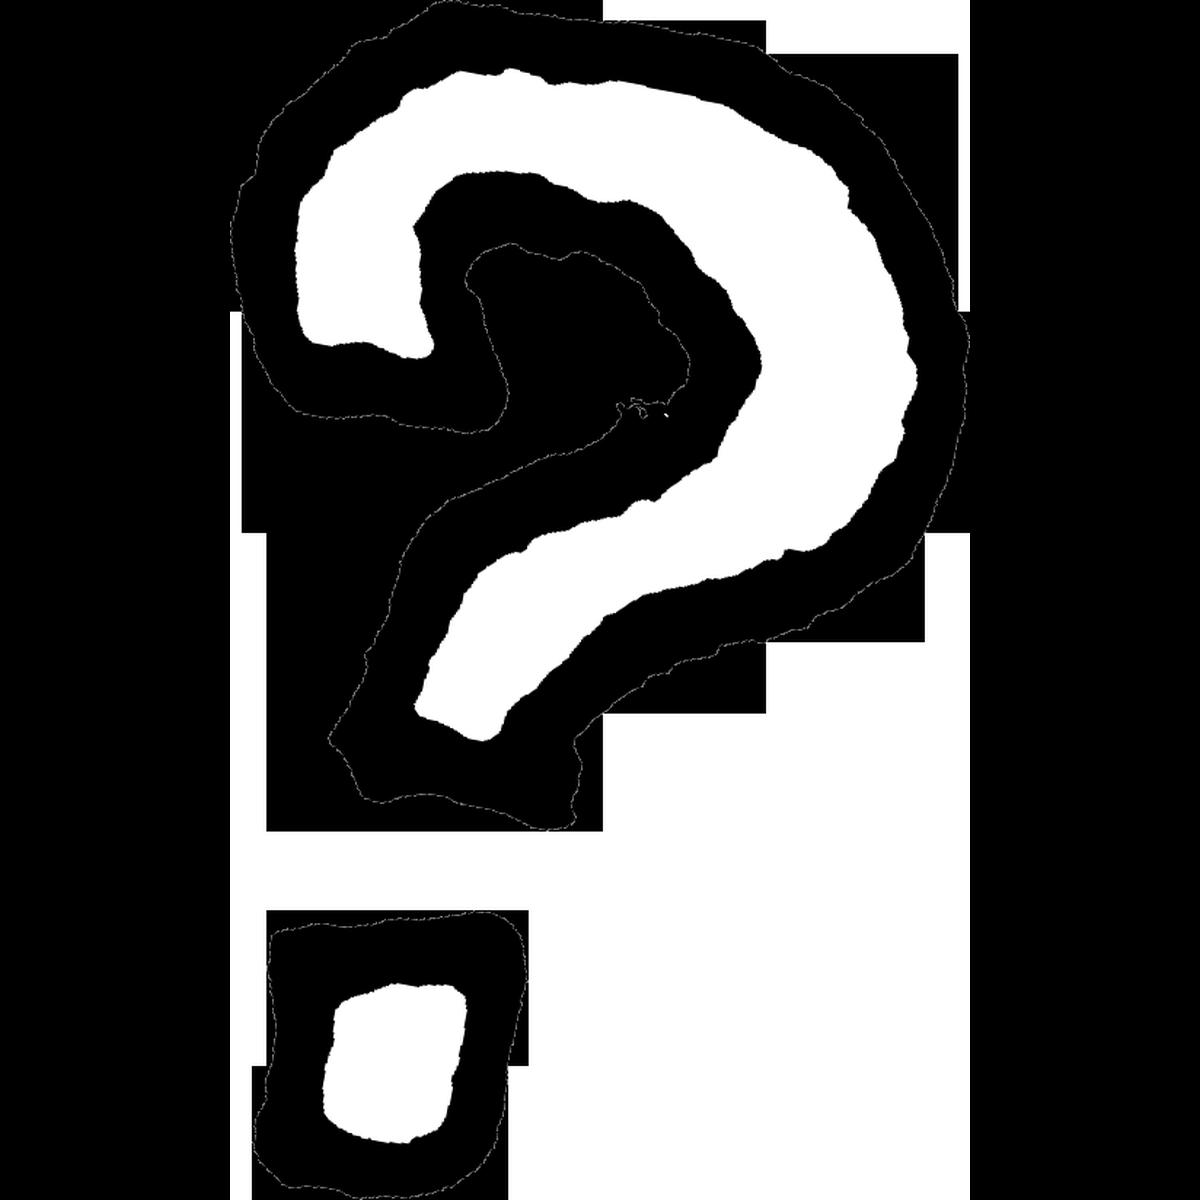 はてなマーク1のイラスト Question mark Illust